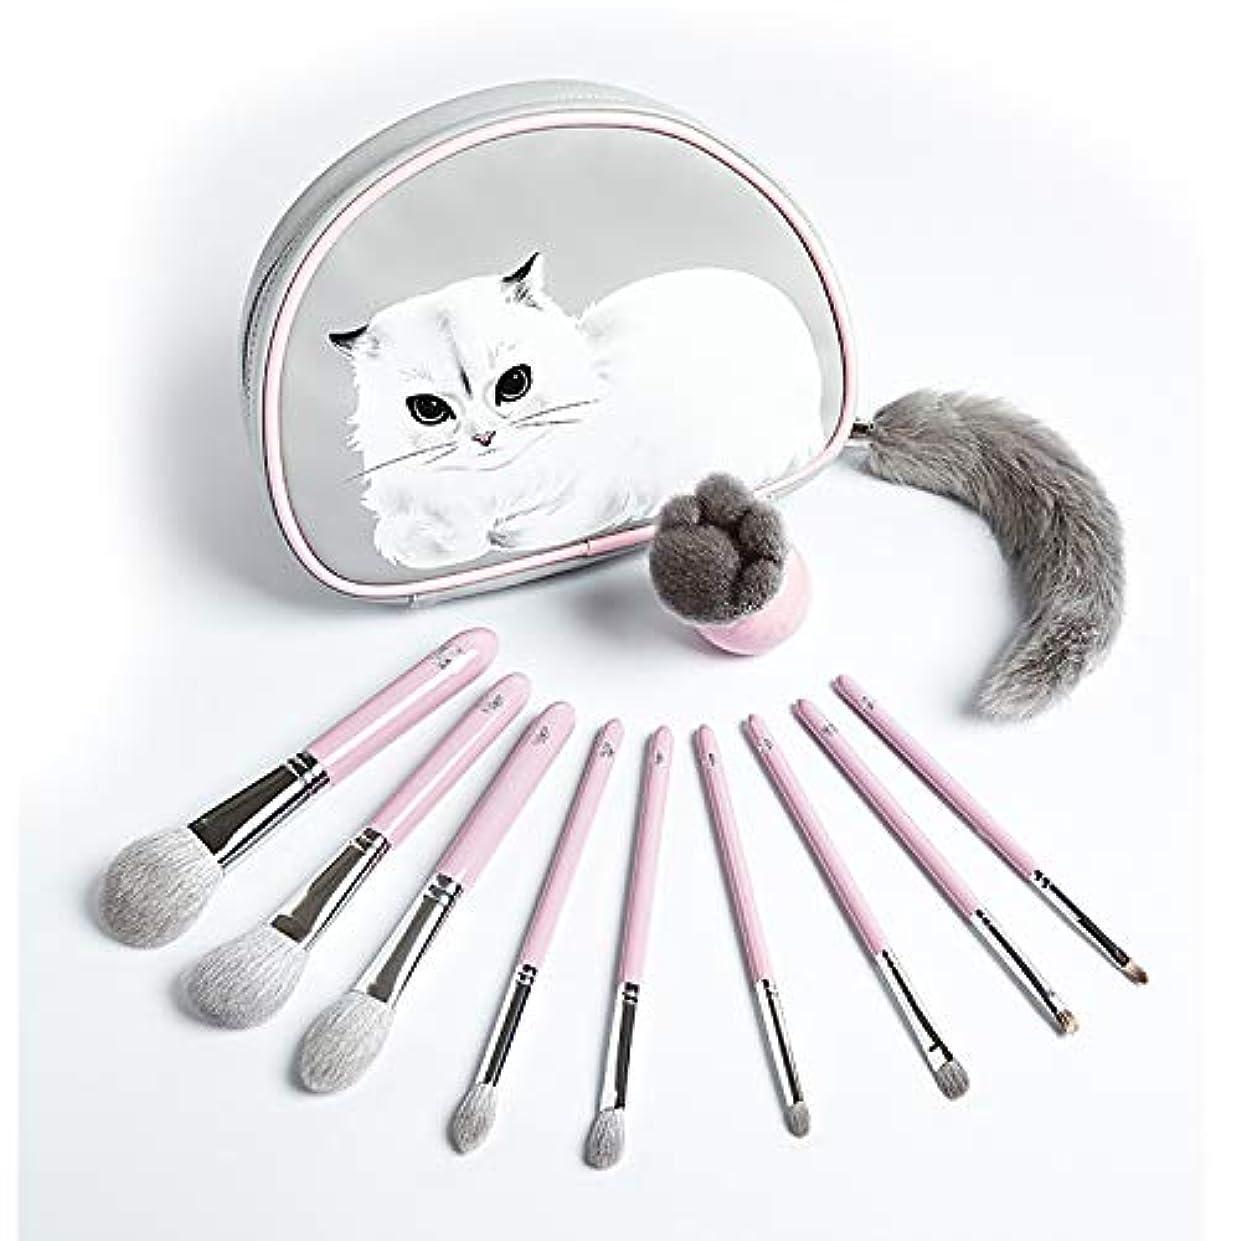 あなたのもの置換弁護士ENERGY メイクブラシ 10本セット山羊毛 化粧ブラシ メークアップブラシ チークブラシ 化粧筆 ファンデーションブラシ かわいい 萌え猫 可愛い 化粧ポーチ付き 女性 贈り物